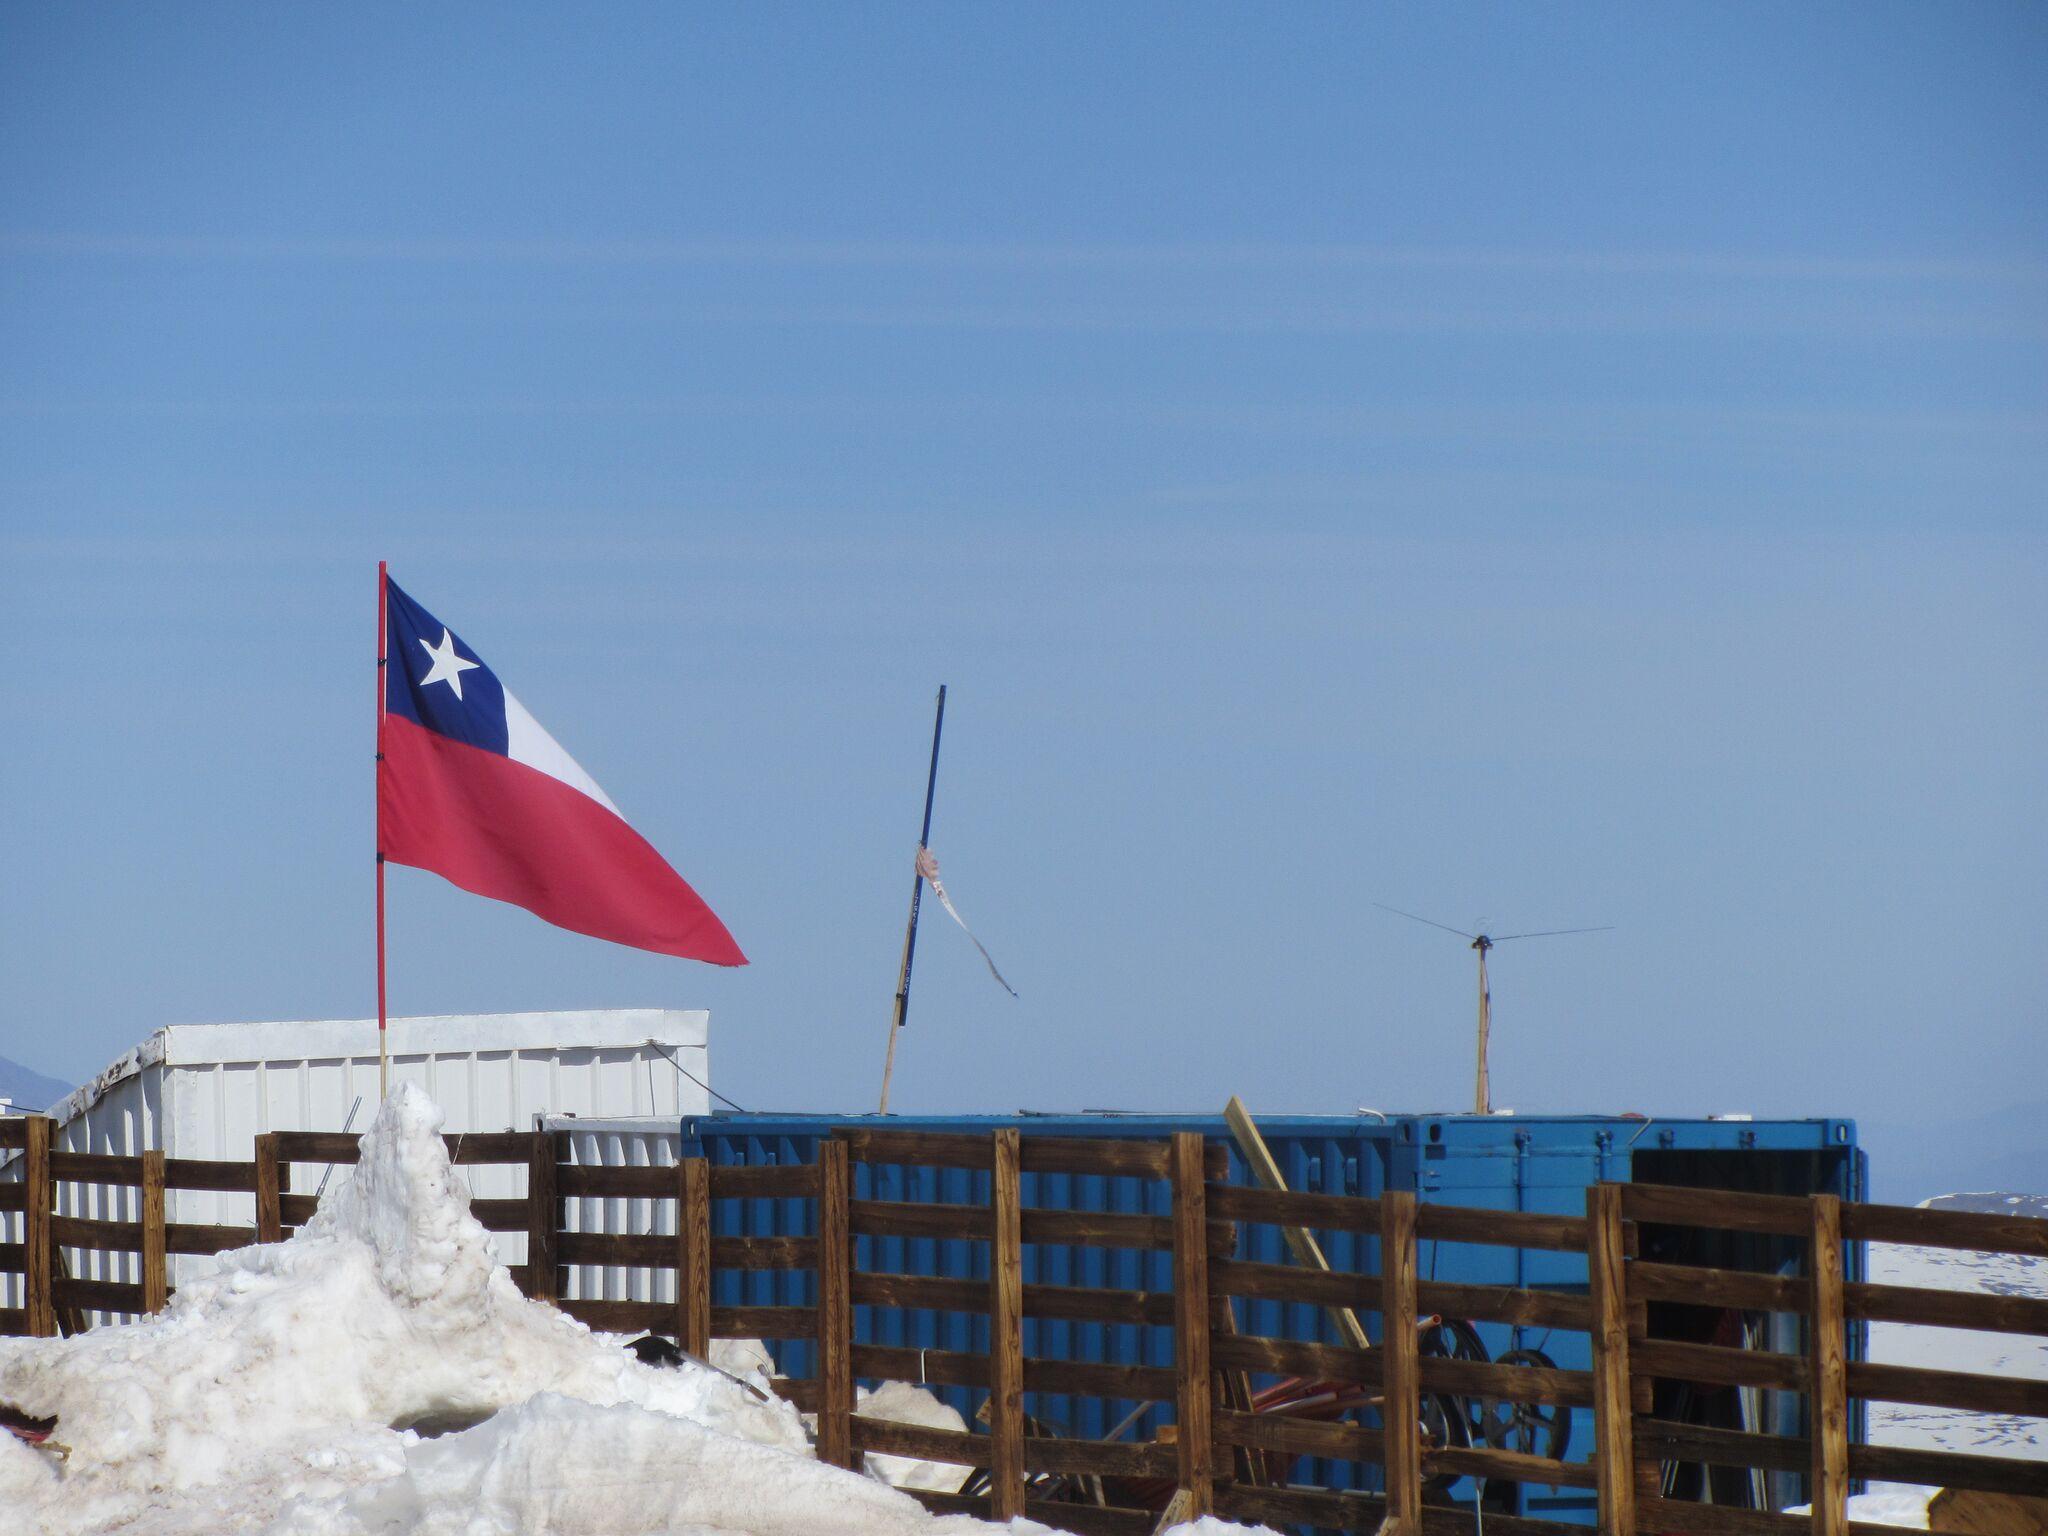 bandera chile vallenevado